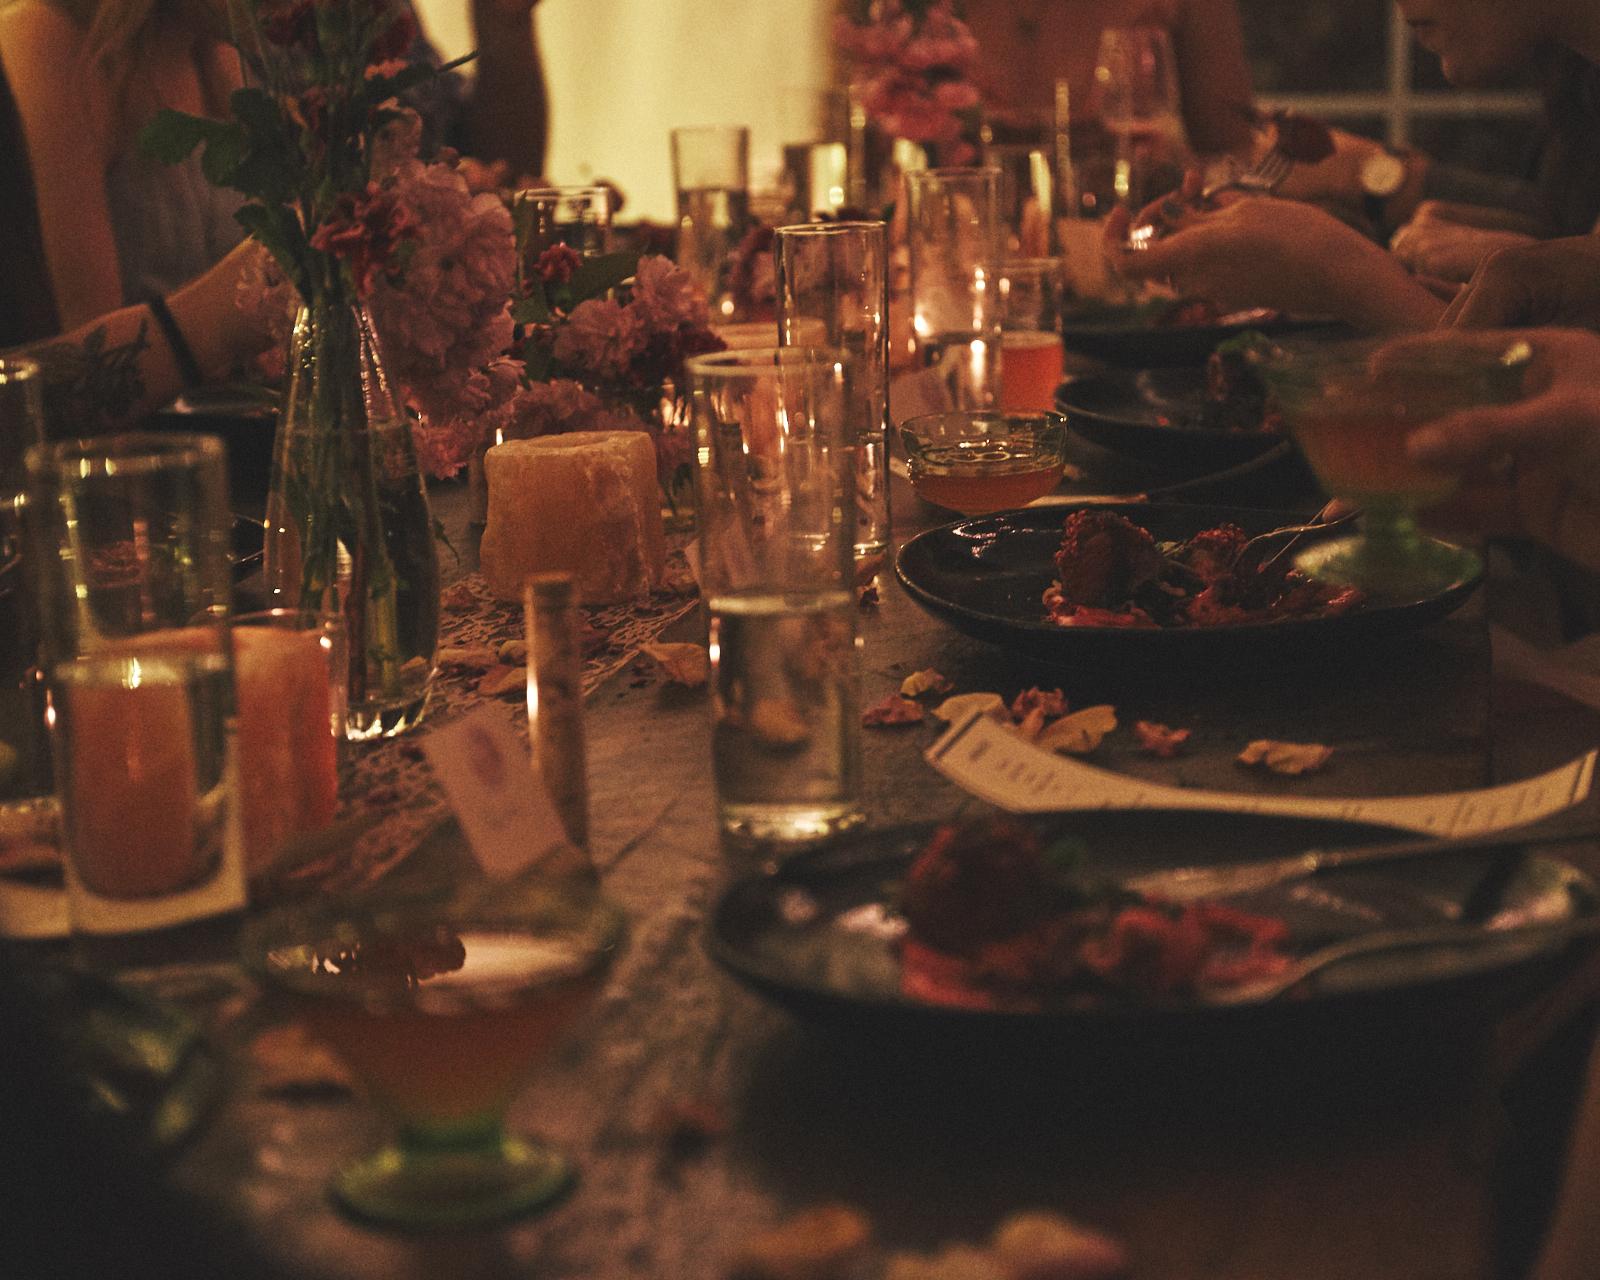 042419_PinkMoonDinner_Dinner_0031.jpg